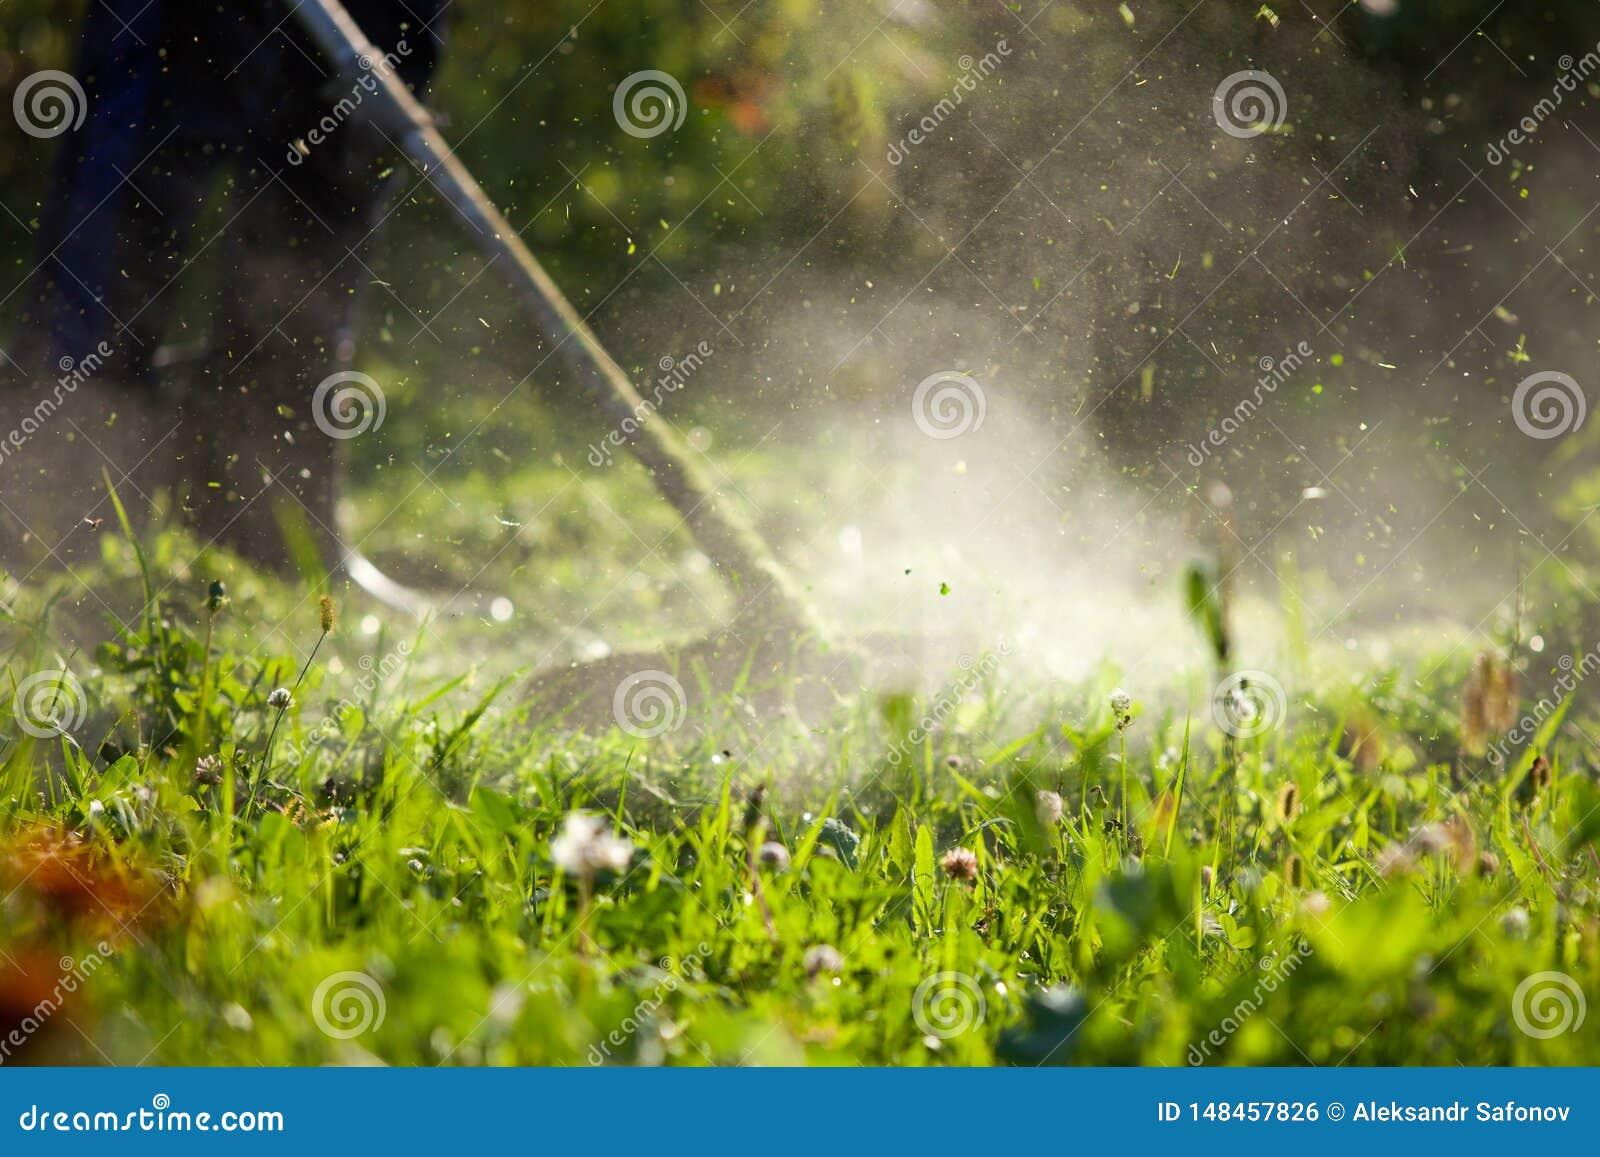 Cortar el alto condensador de ajuste de la hierba